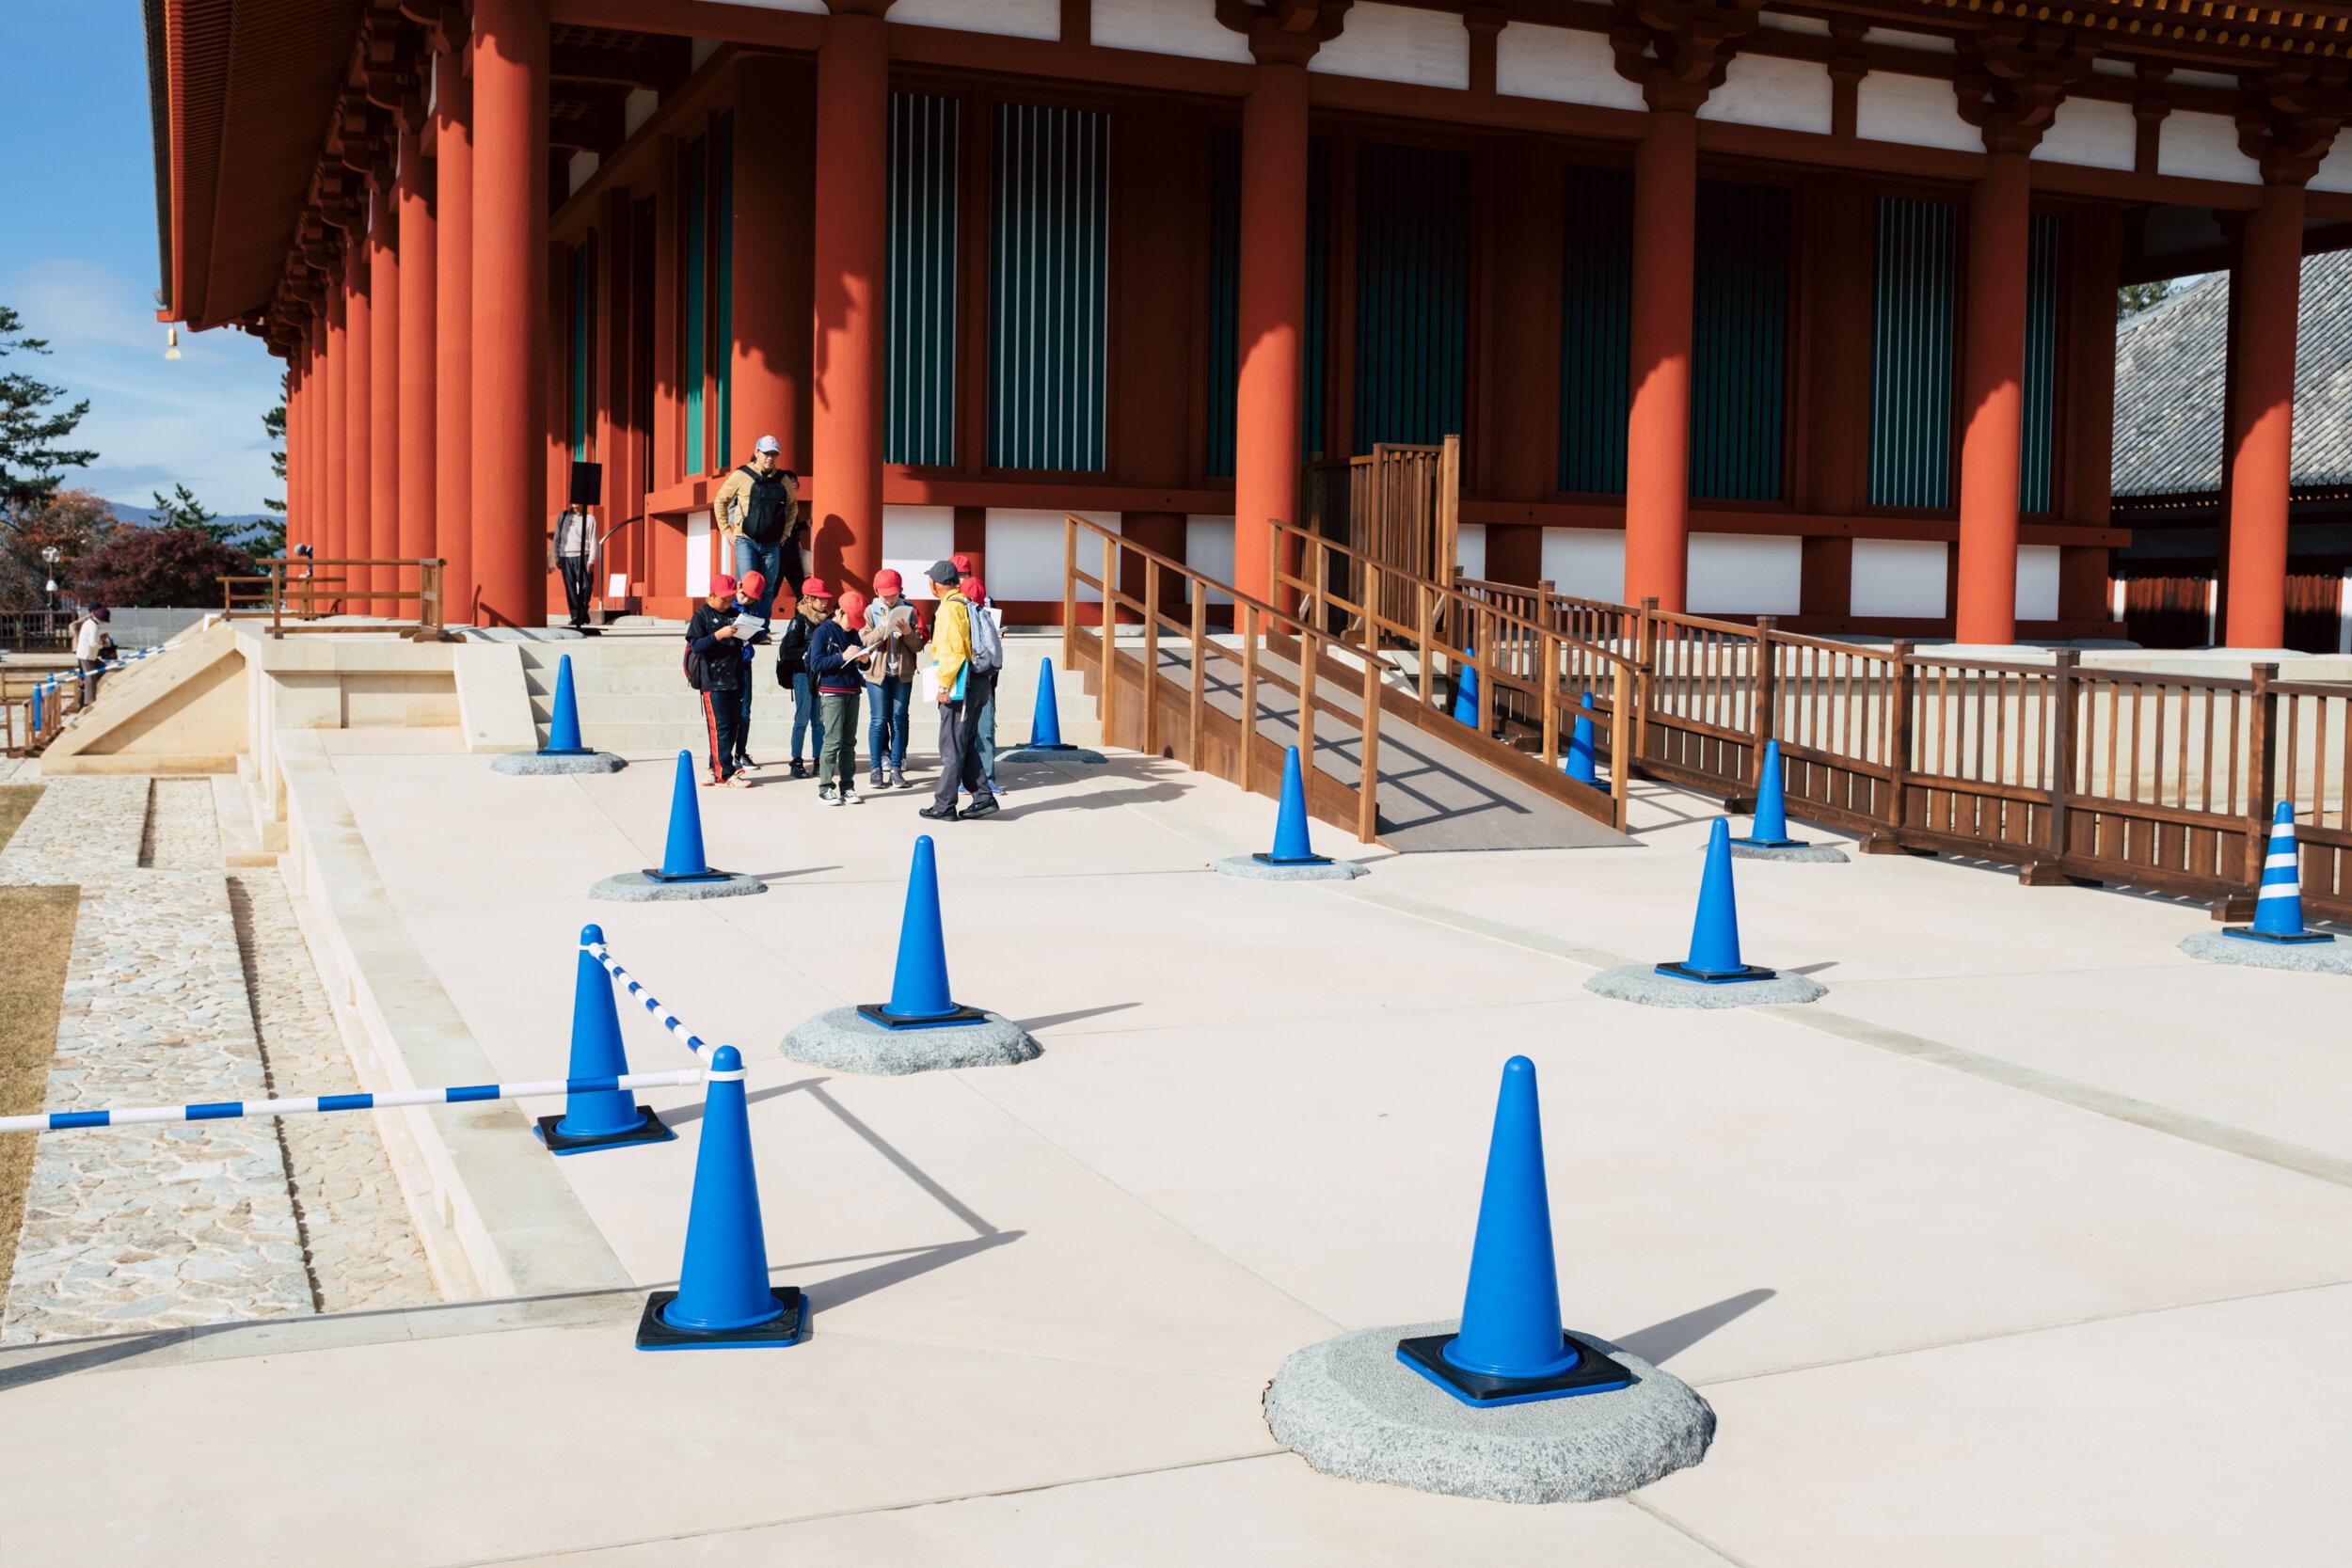 OLIVER_HOLMS_JAPAN_NOV_2018_DSCF3959.jpg